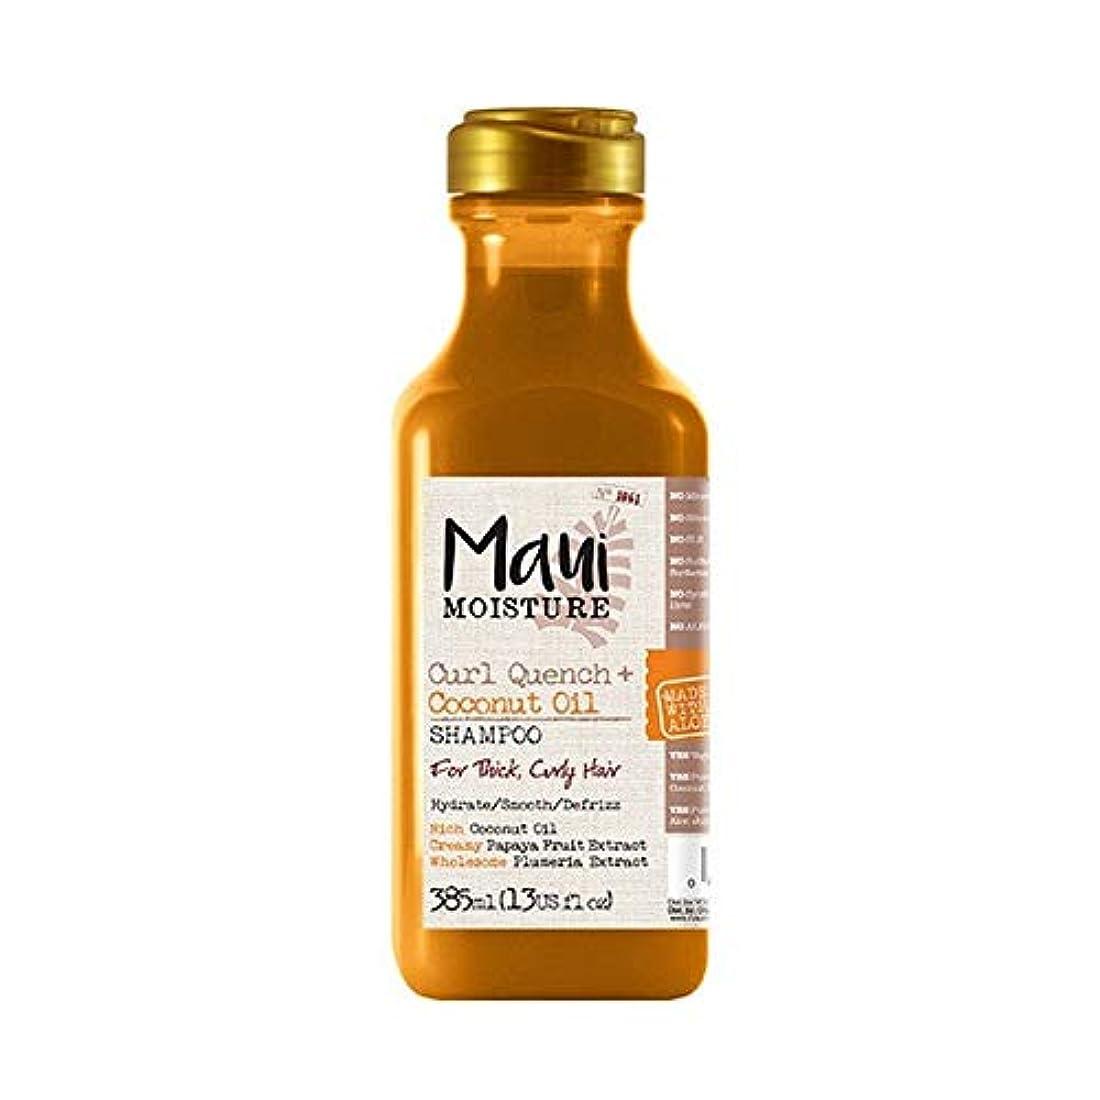 ブラウズ安心させる優れた[Maui Moisture ] マウイ水分カールクエンチ+ココナッツオイルシャンプー - Maui Moisture Curl Quench + Coconut Oil Shampoo [並行輸入品]